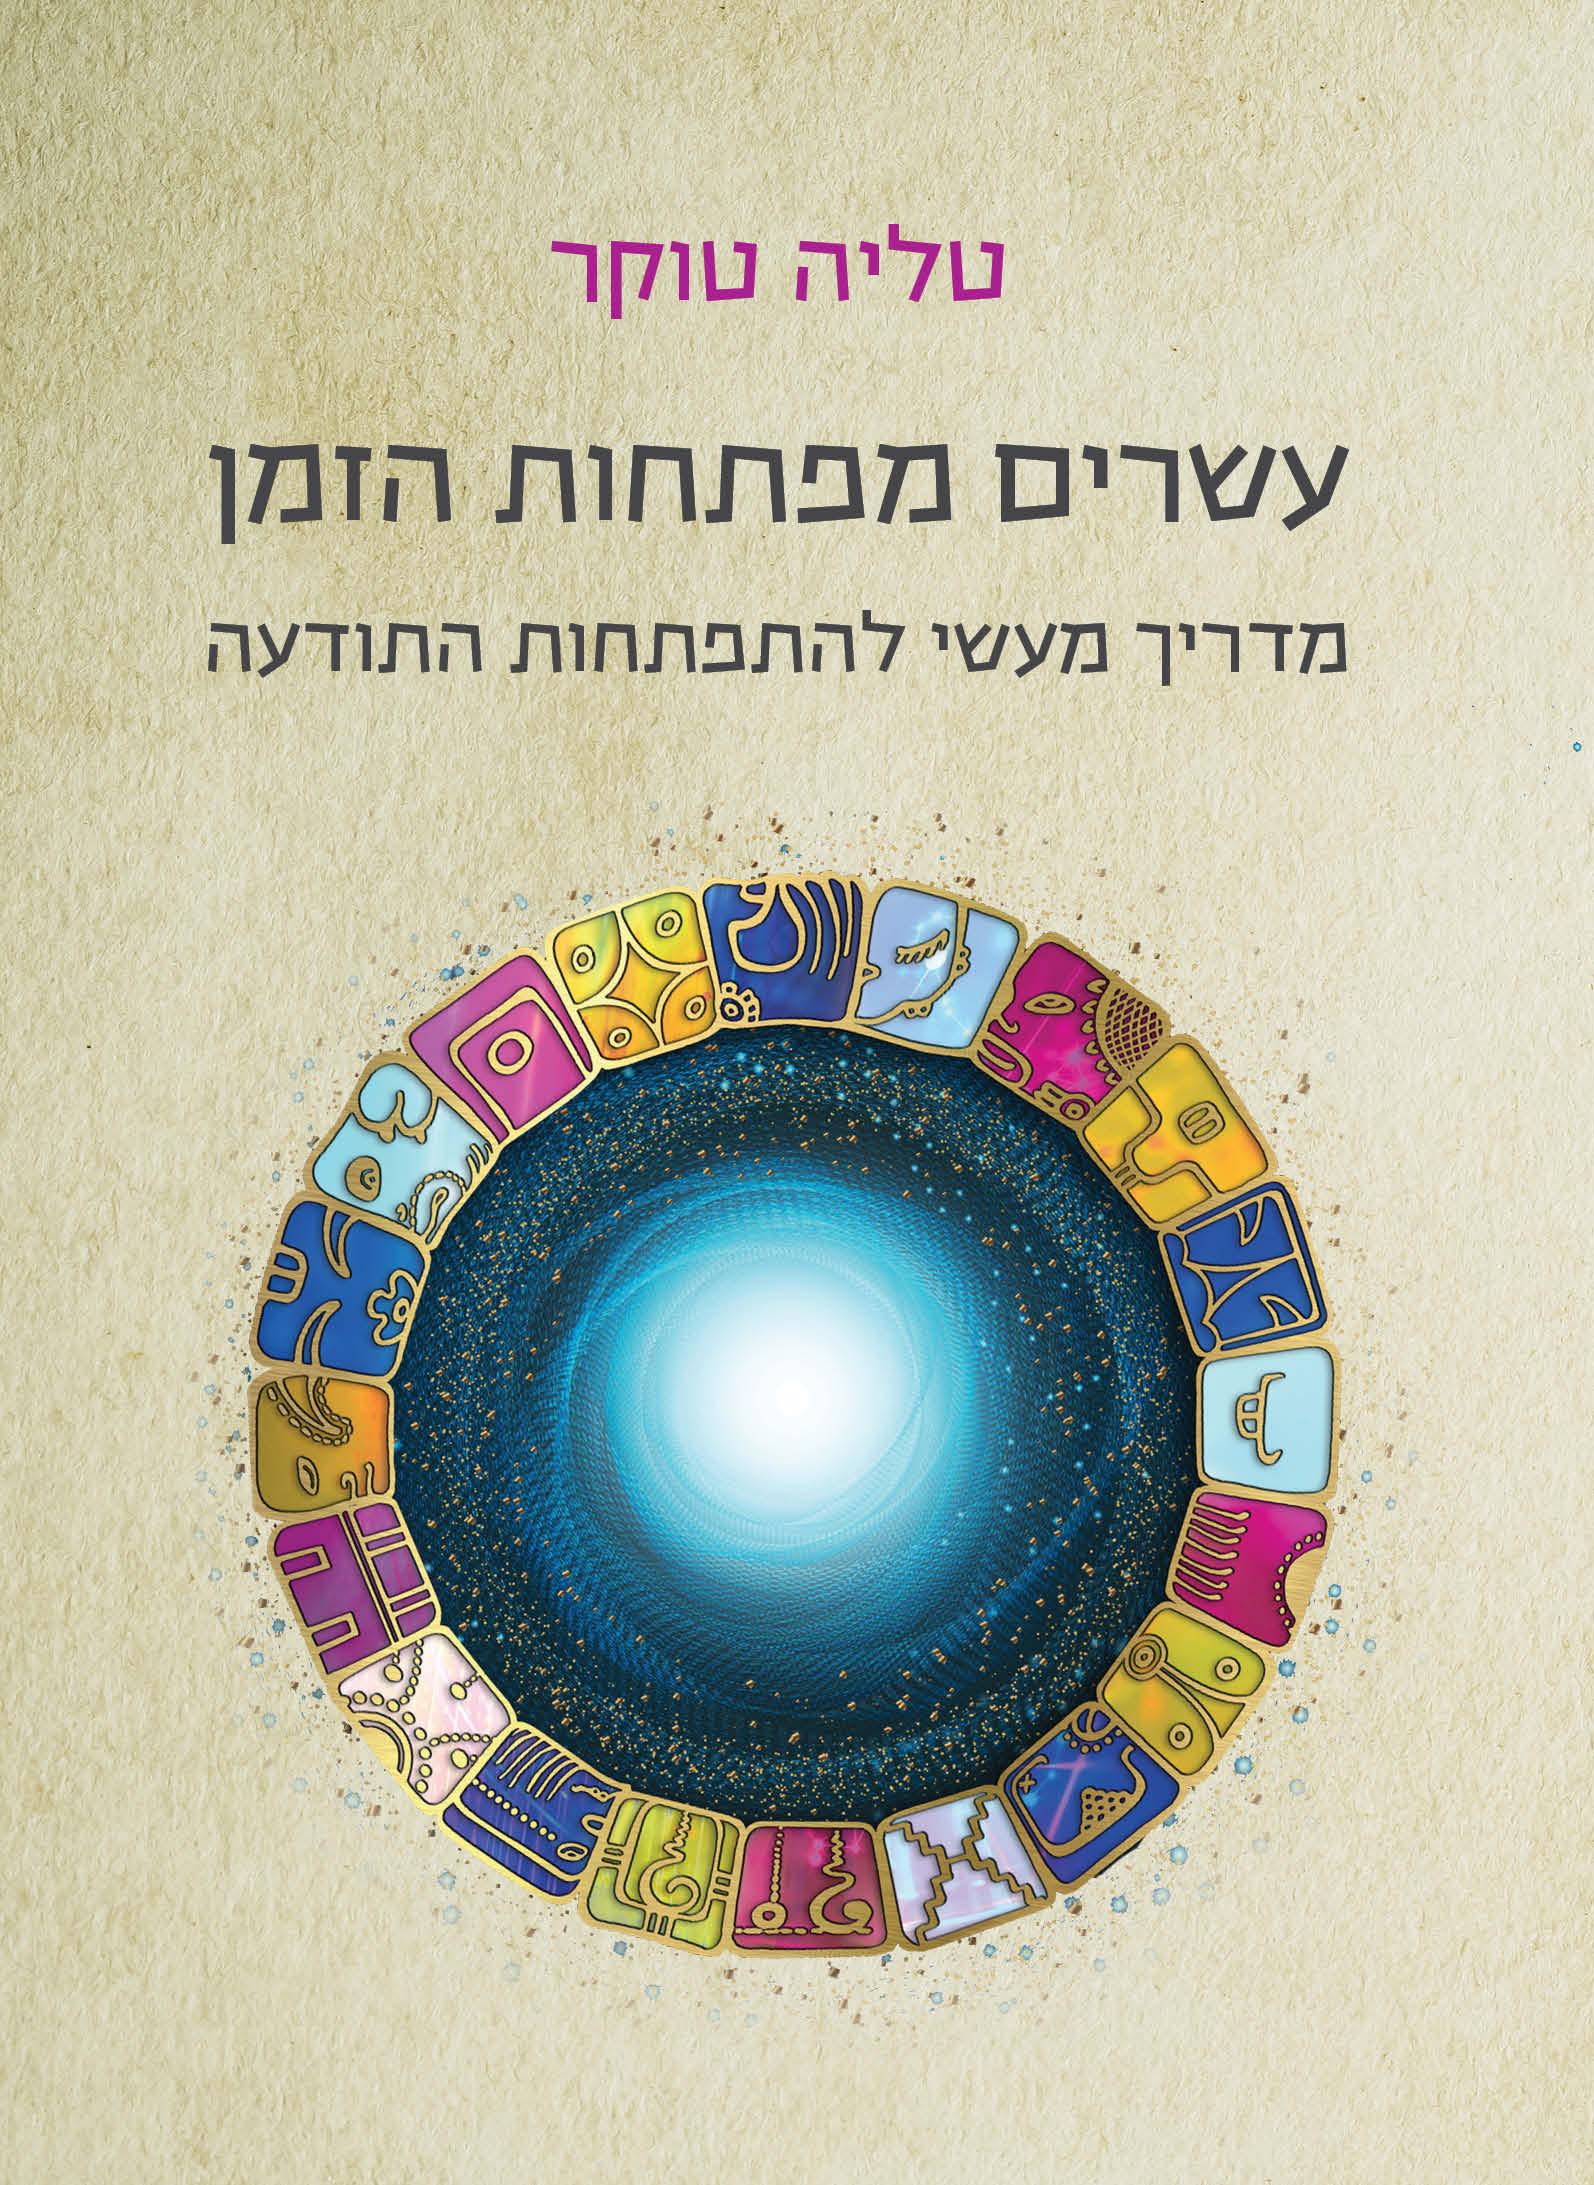 הספר 'המדריך המעשי להתפתחות התודעה'